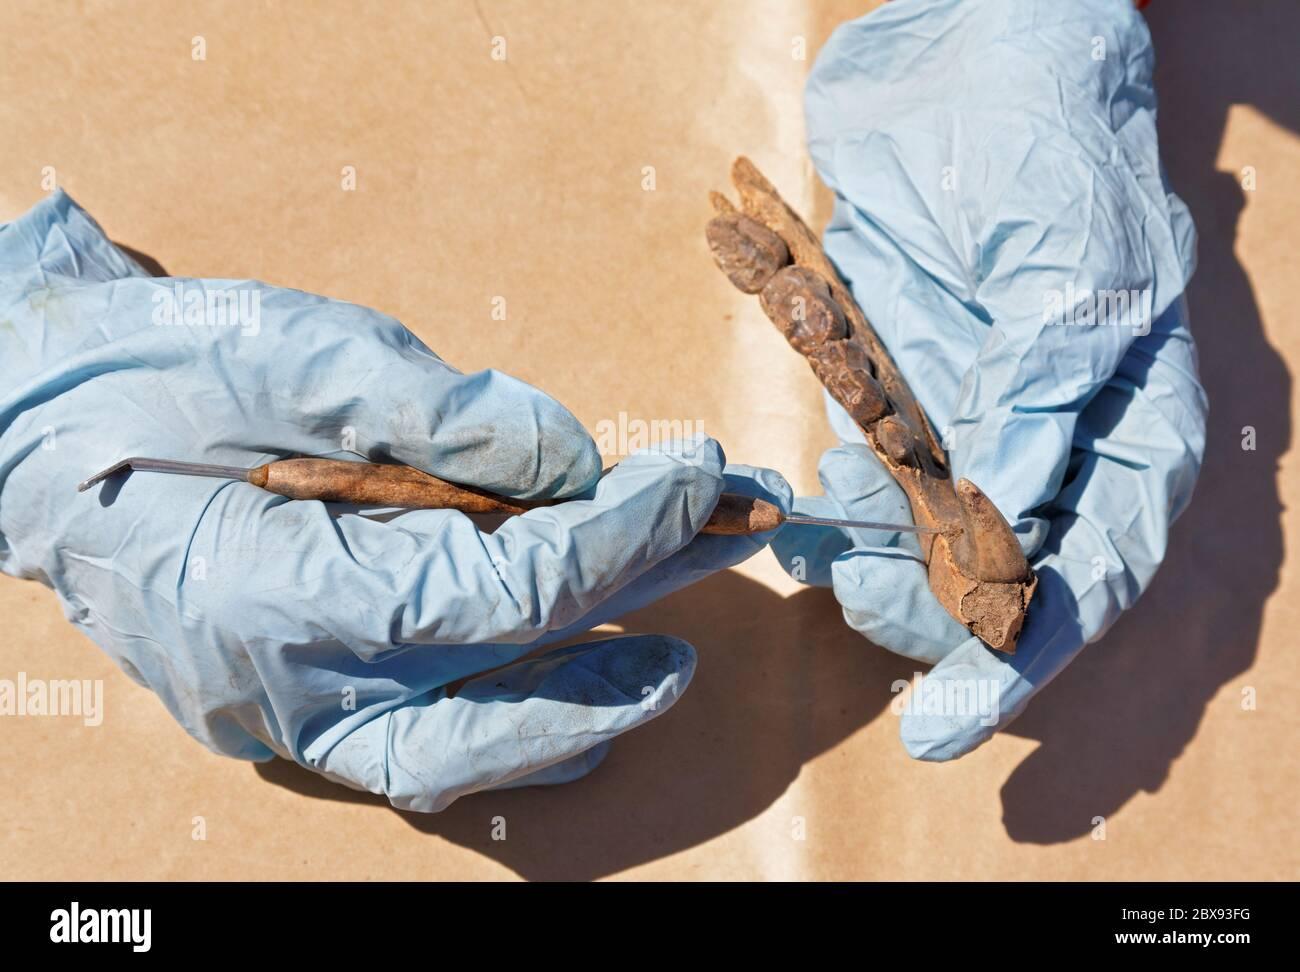 El arqueólogo limpia cuidadosamente con un cepillo a encontrar - parte de la mandíbula del oso. La edad medieval. Preparación para el transporte para pruebas de laboratorio adicionales Foto de stock